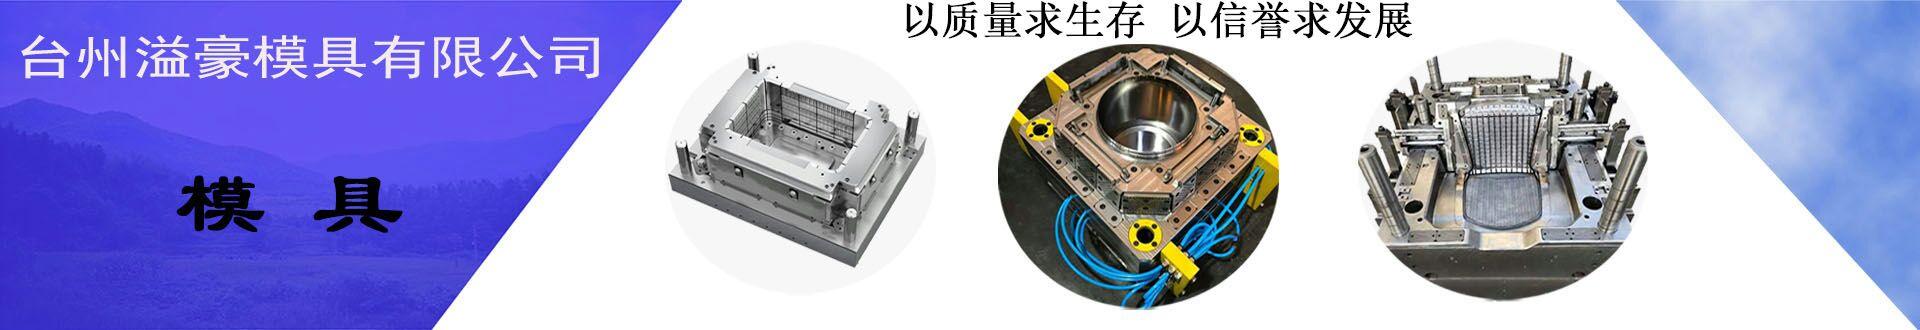 台州溢豪模具有限公司